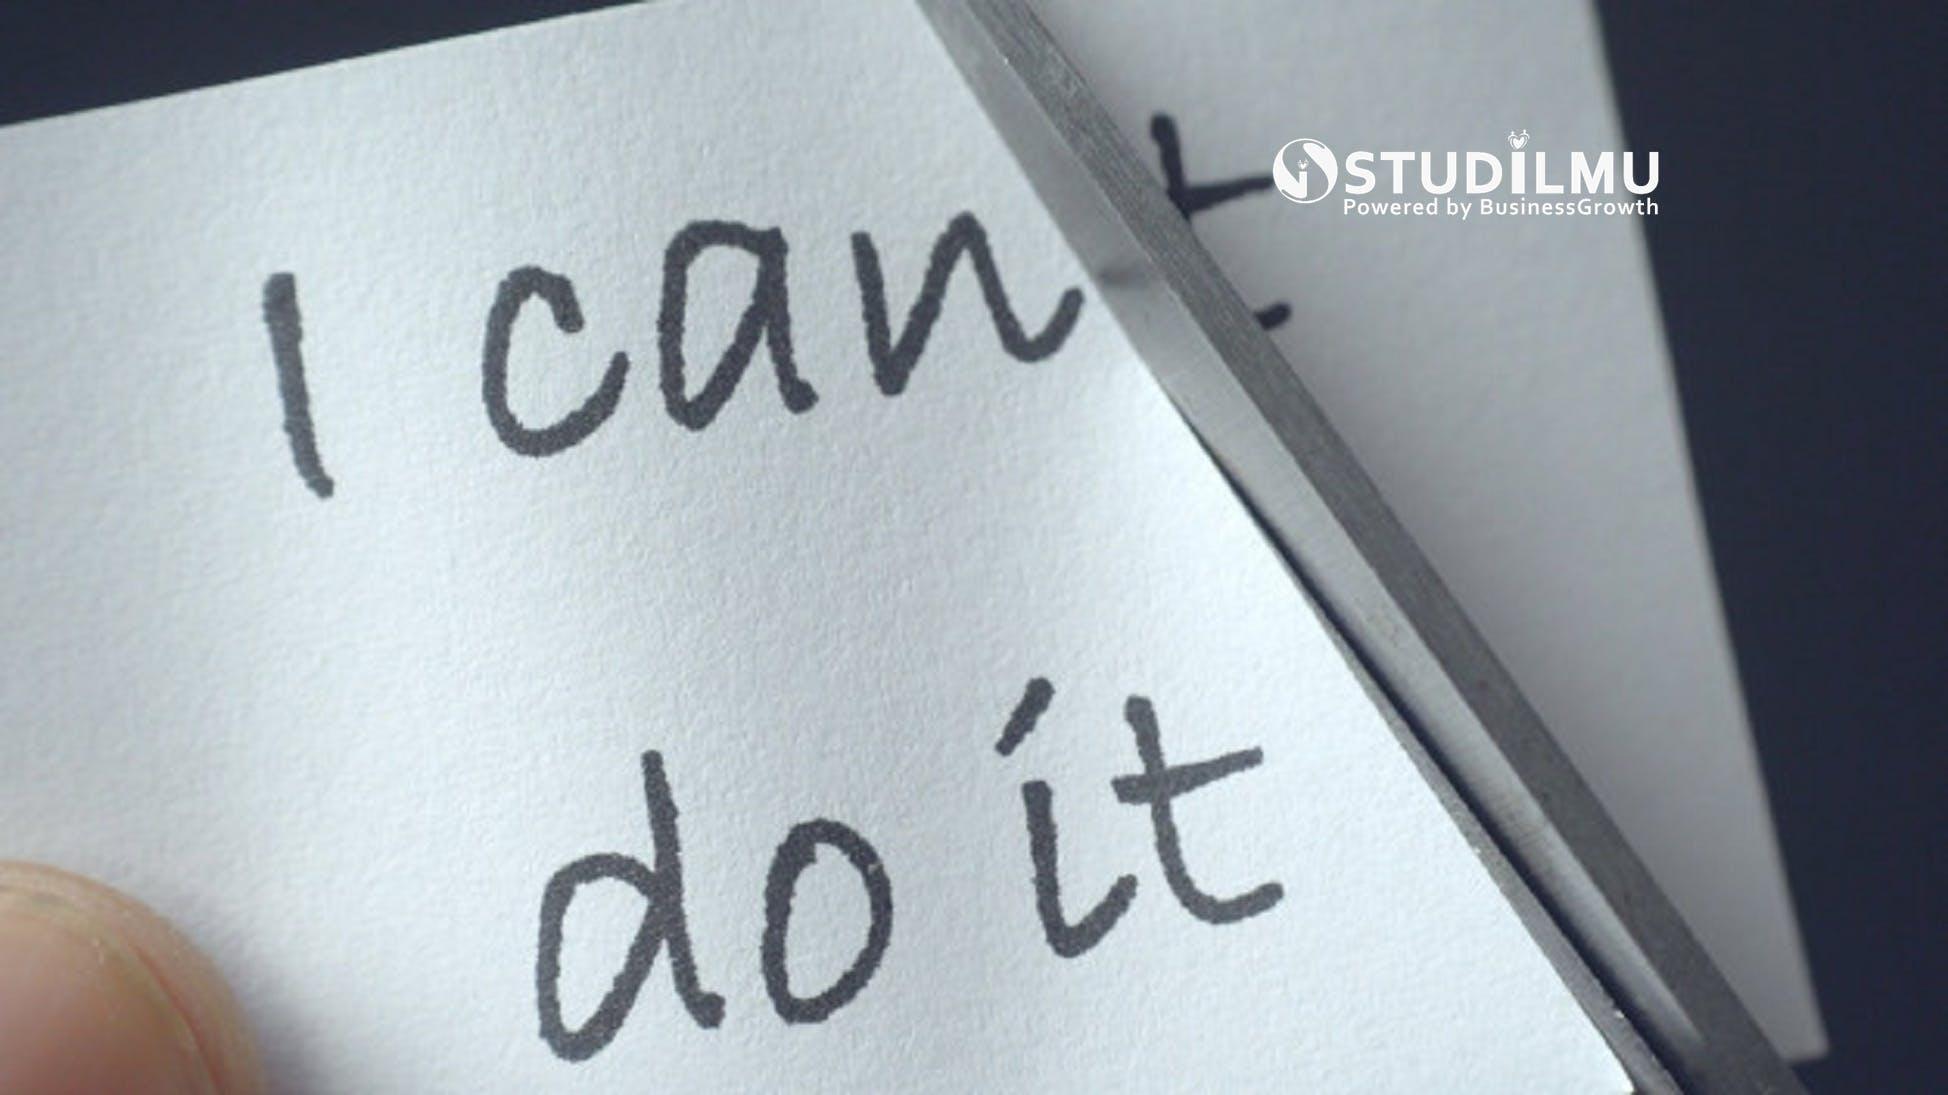 STUDILMU Career Advice - 6 Rahasia Memotivasi Diri untuk Sukses